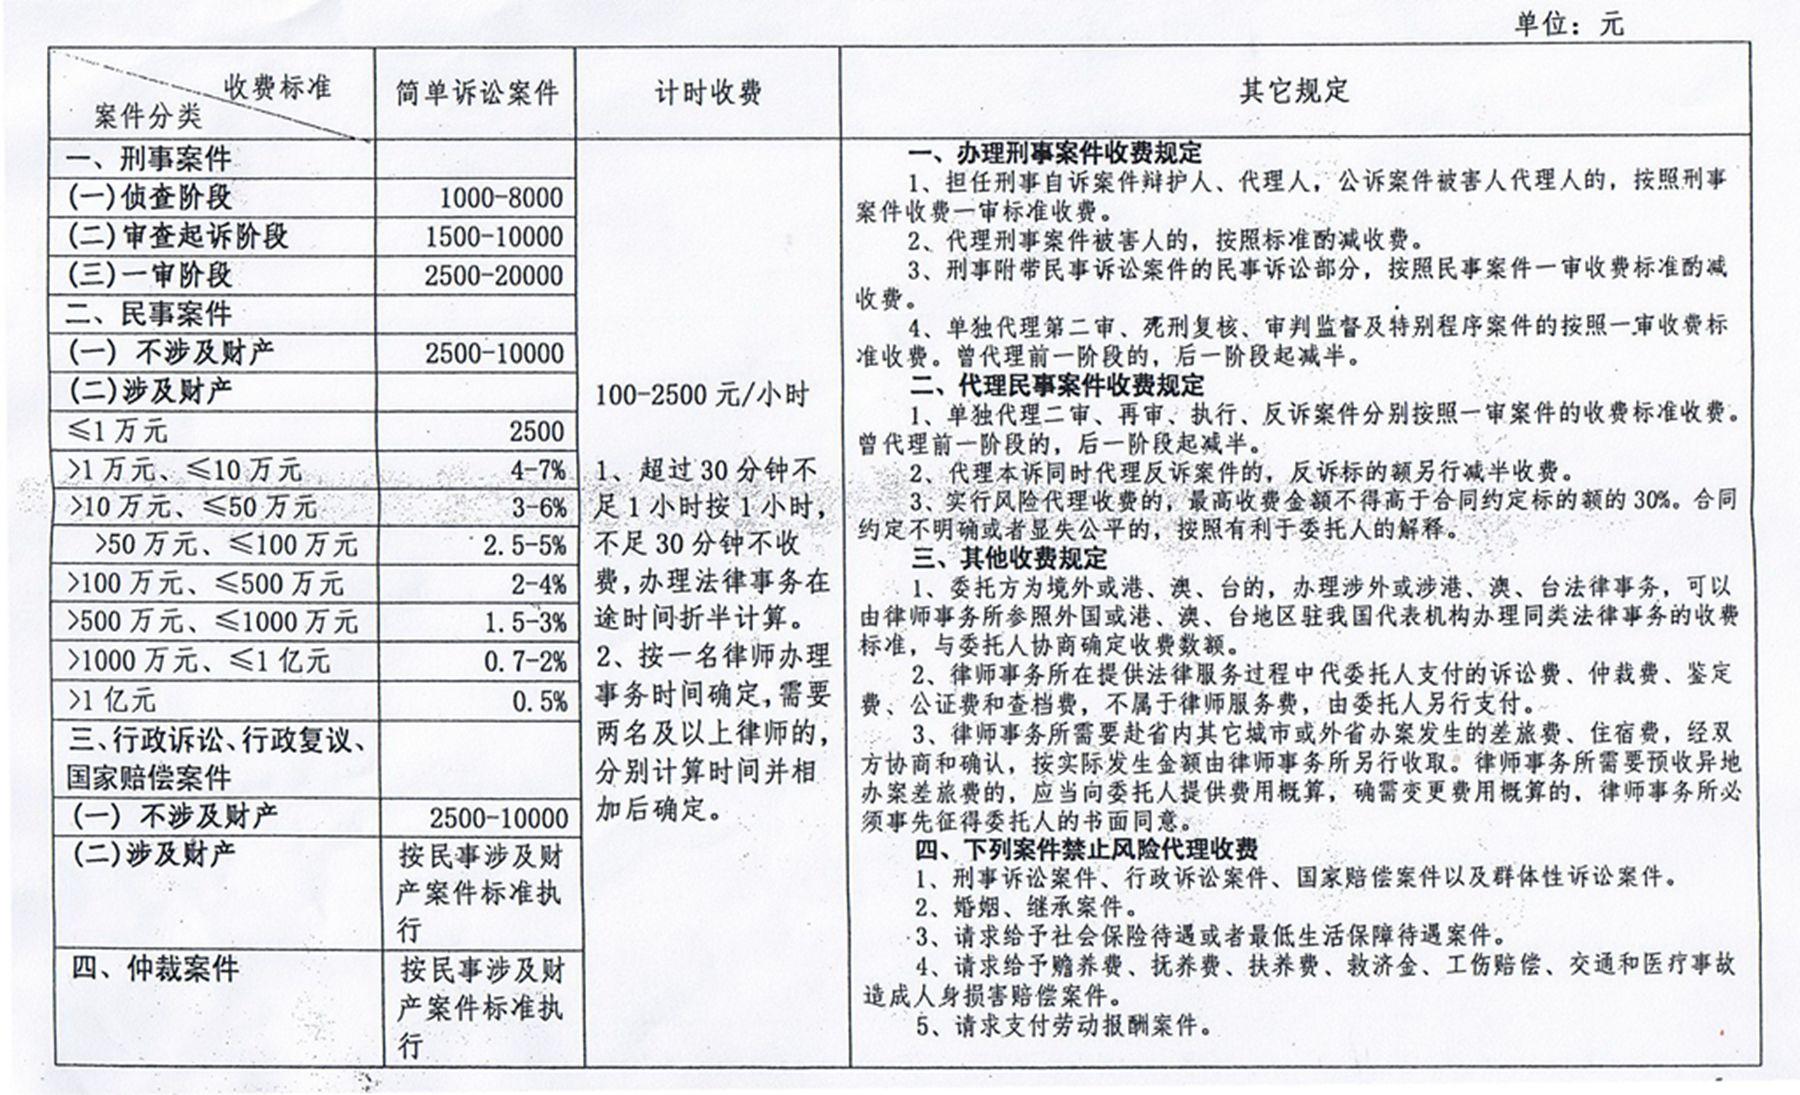 北京新都律师收费标准_江西新余律师怎么收费_北京陈旭律师如何收费